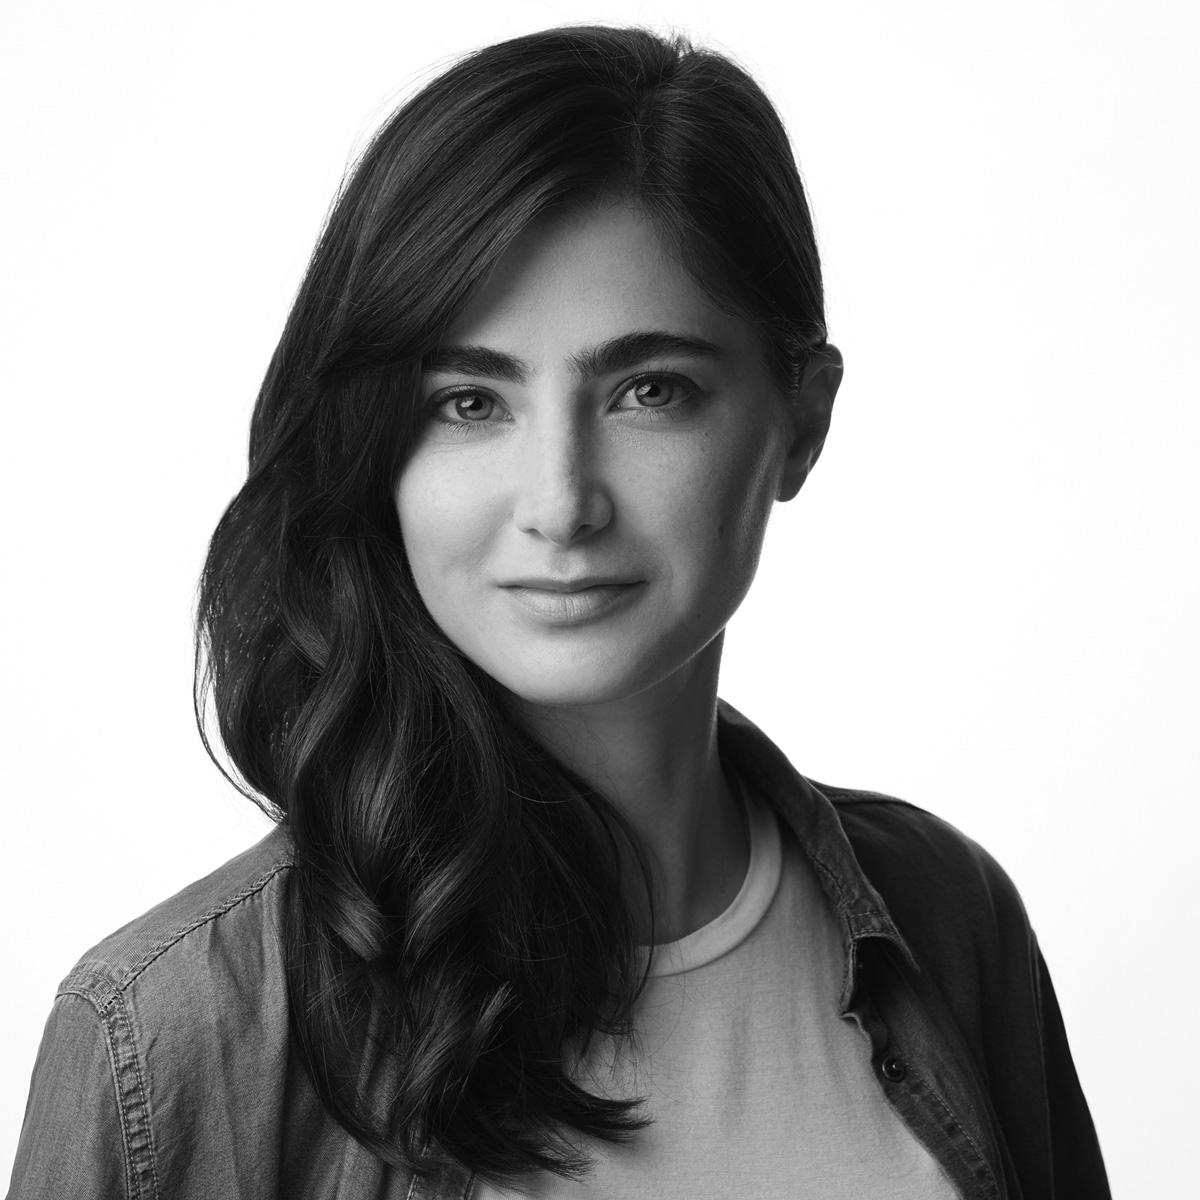 Lara Lipschitz